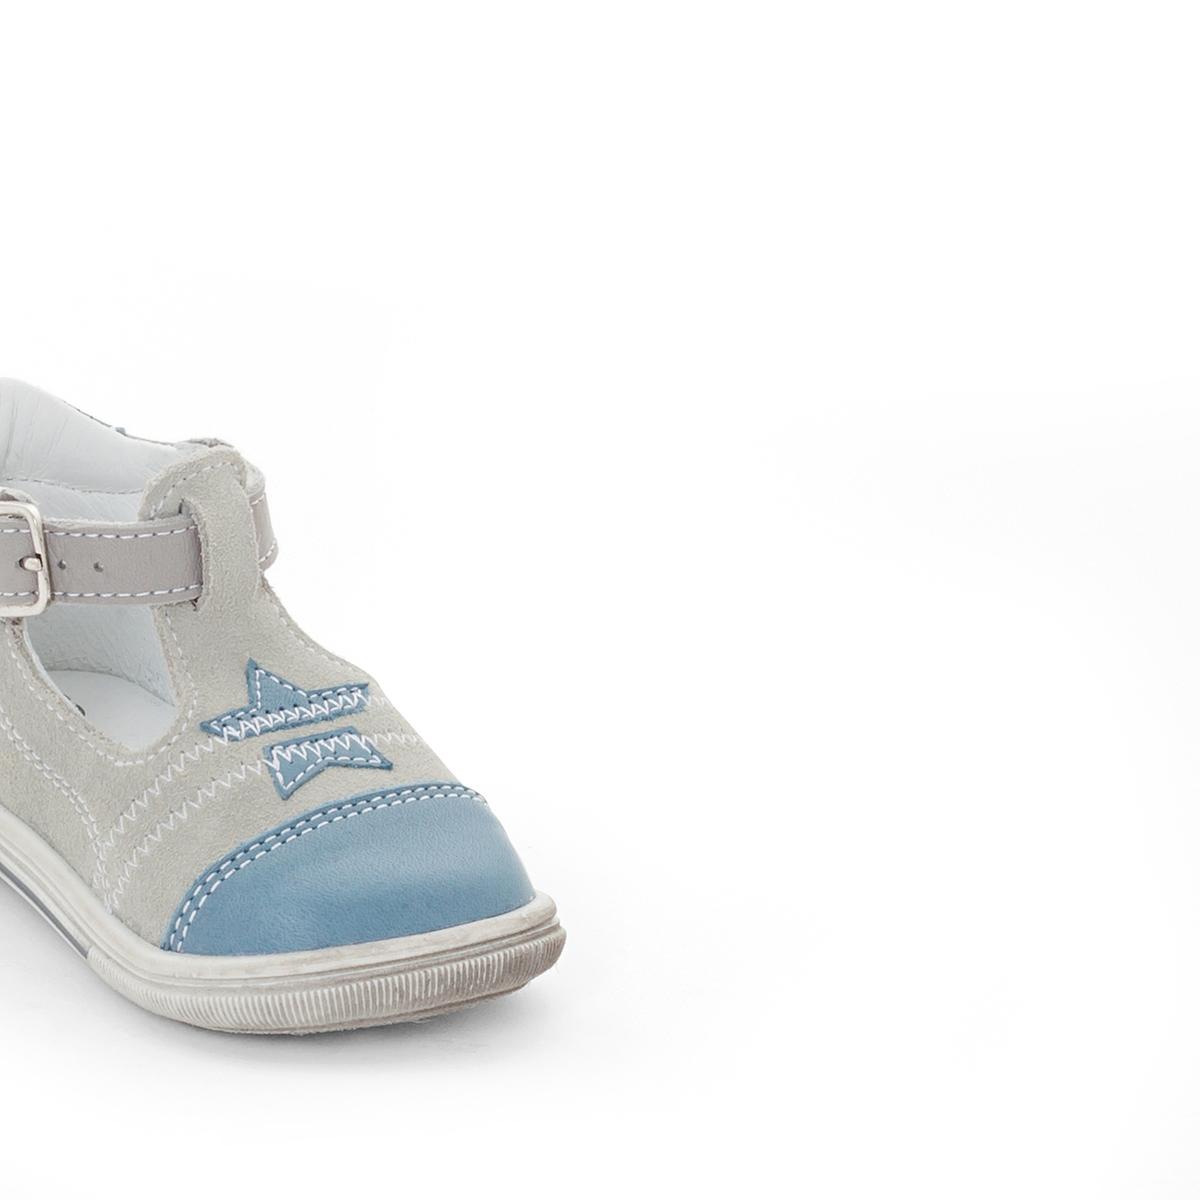 Туфли с пряжкой ZadicВерх / Голенище: Кожа (коровья) Подкладка : кожа.     Стелька : кожа.      Подошва : эластомер     Застежка : ремешок/пряжка<br><br>Цвет: сине-серый<br>Размер: 22